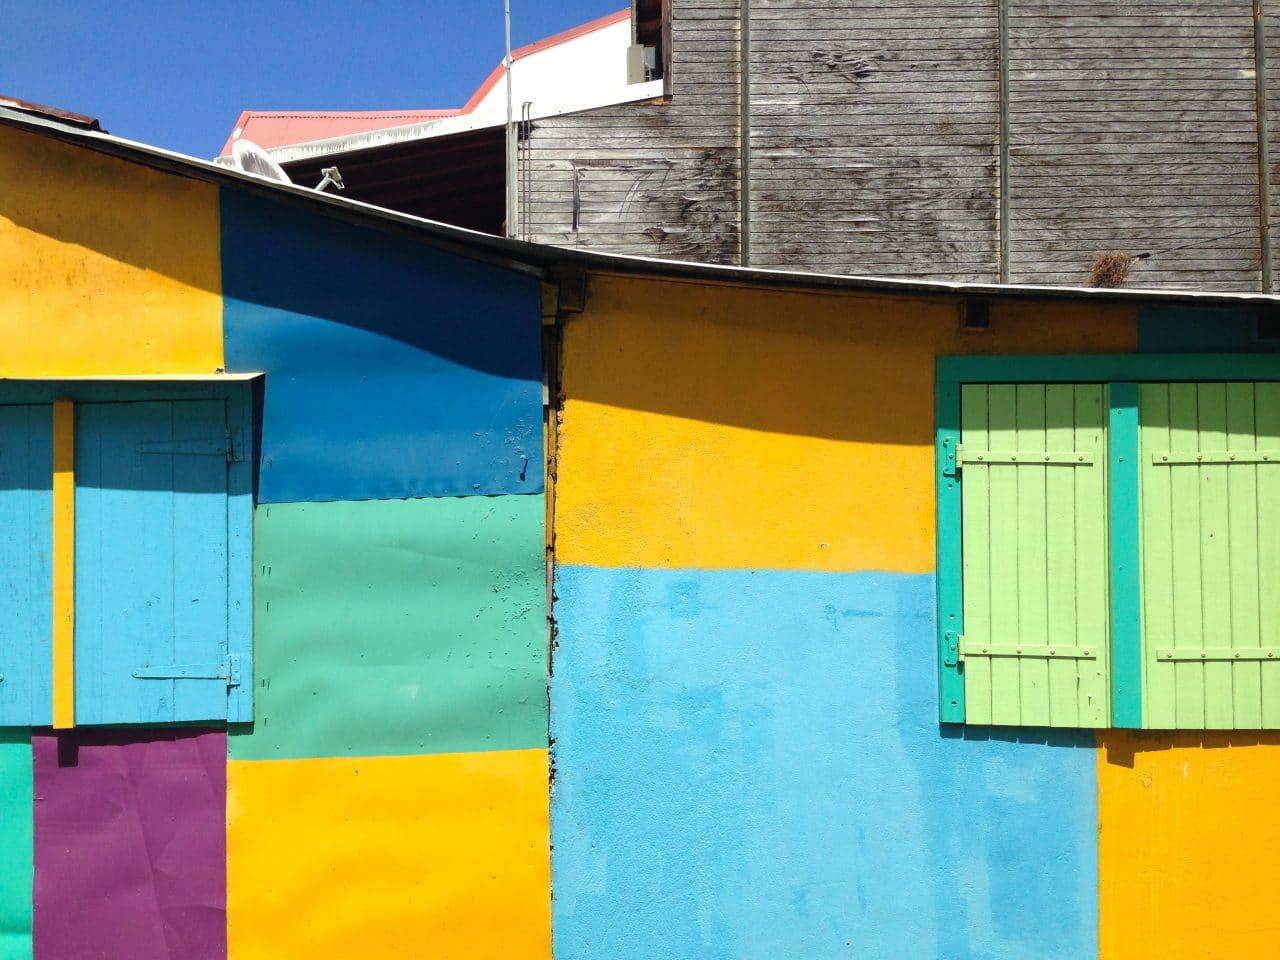 carré, tôles, pixel, façades, composition, guadeloupe, deshaies, photographie